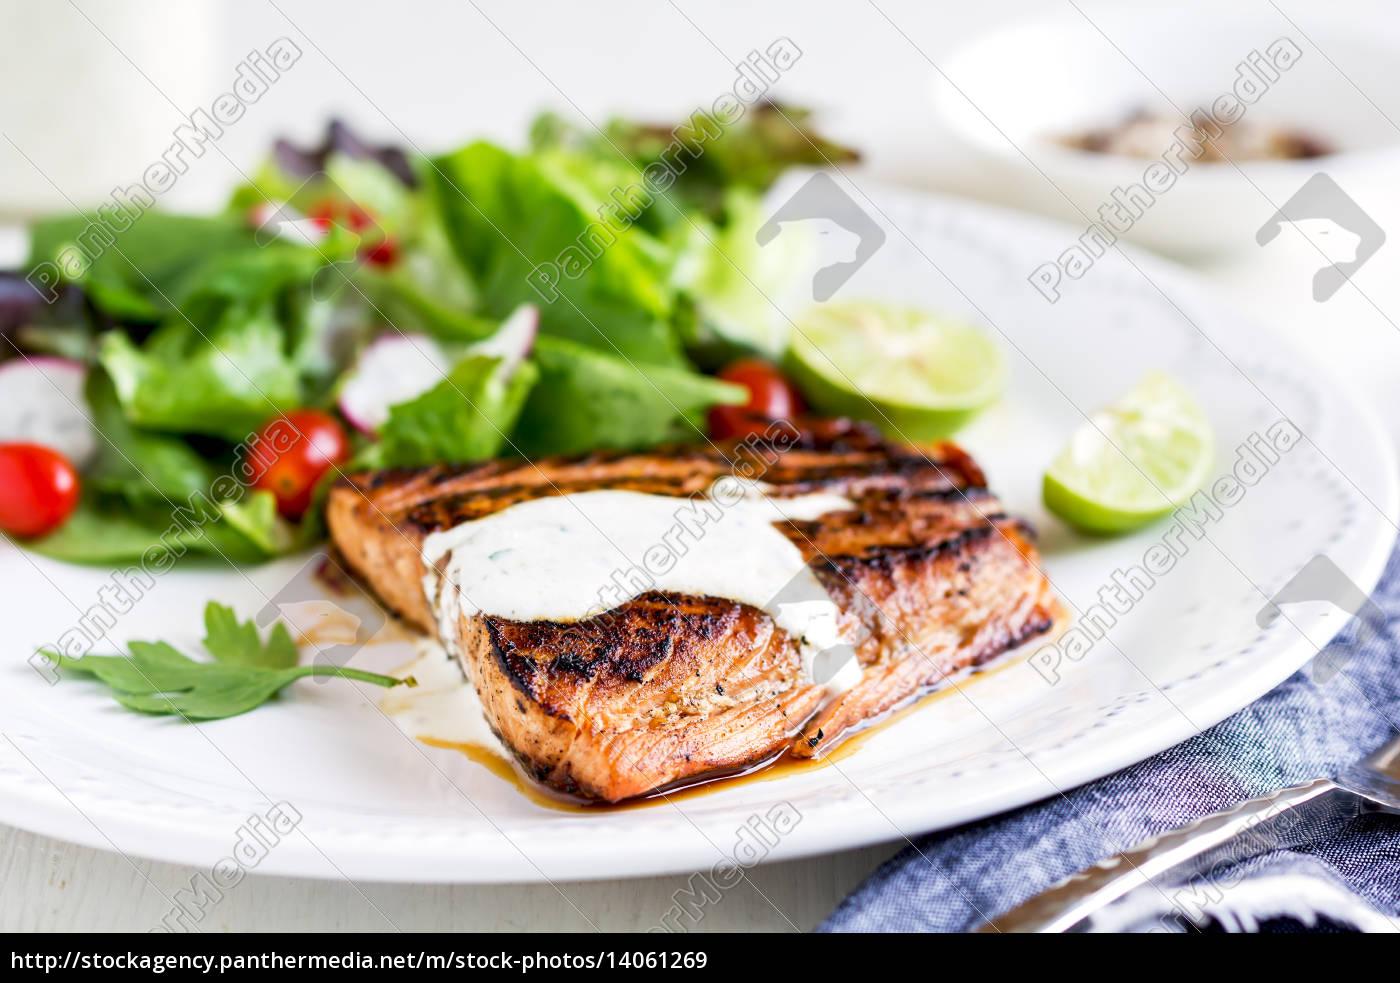 glazed, salmon, with, salad - 14061269